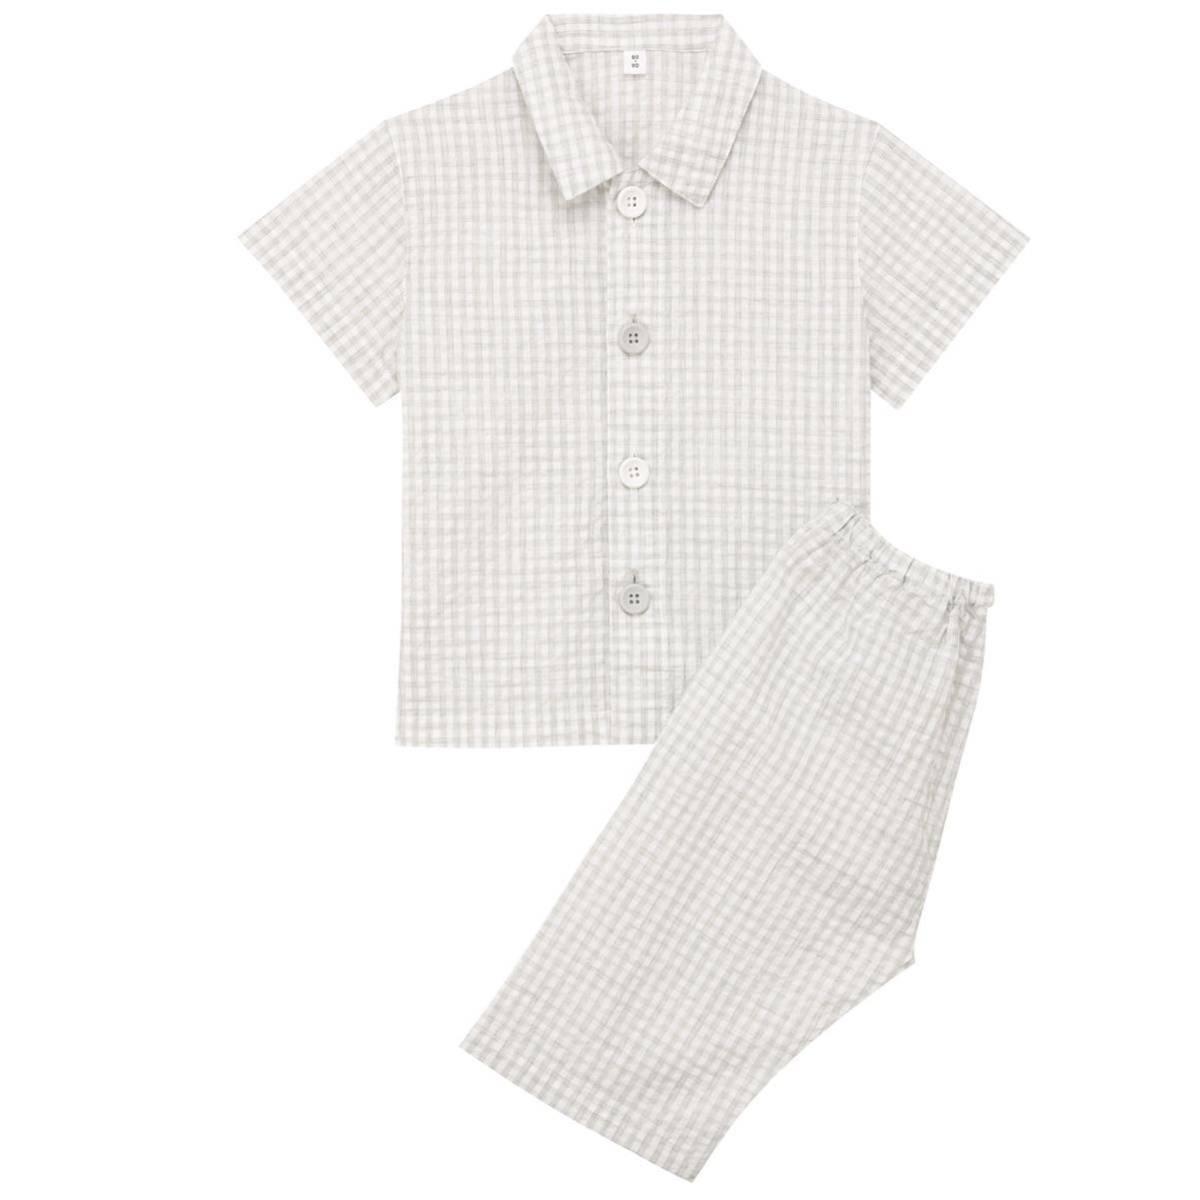 新品未使用【無印良品】オーガニックコットンサッカーお着替え半袖パジャマ100~110グレー